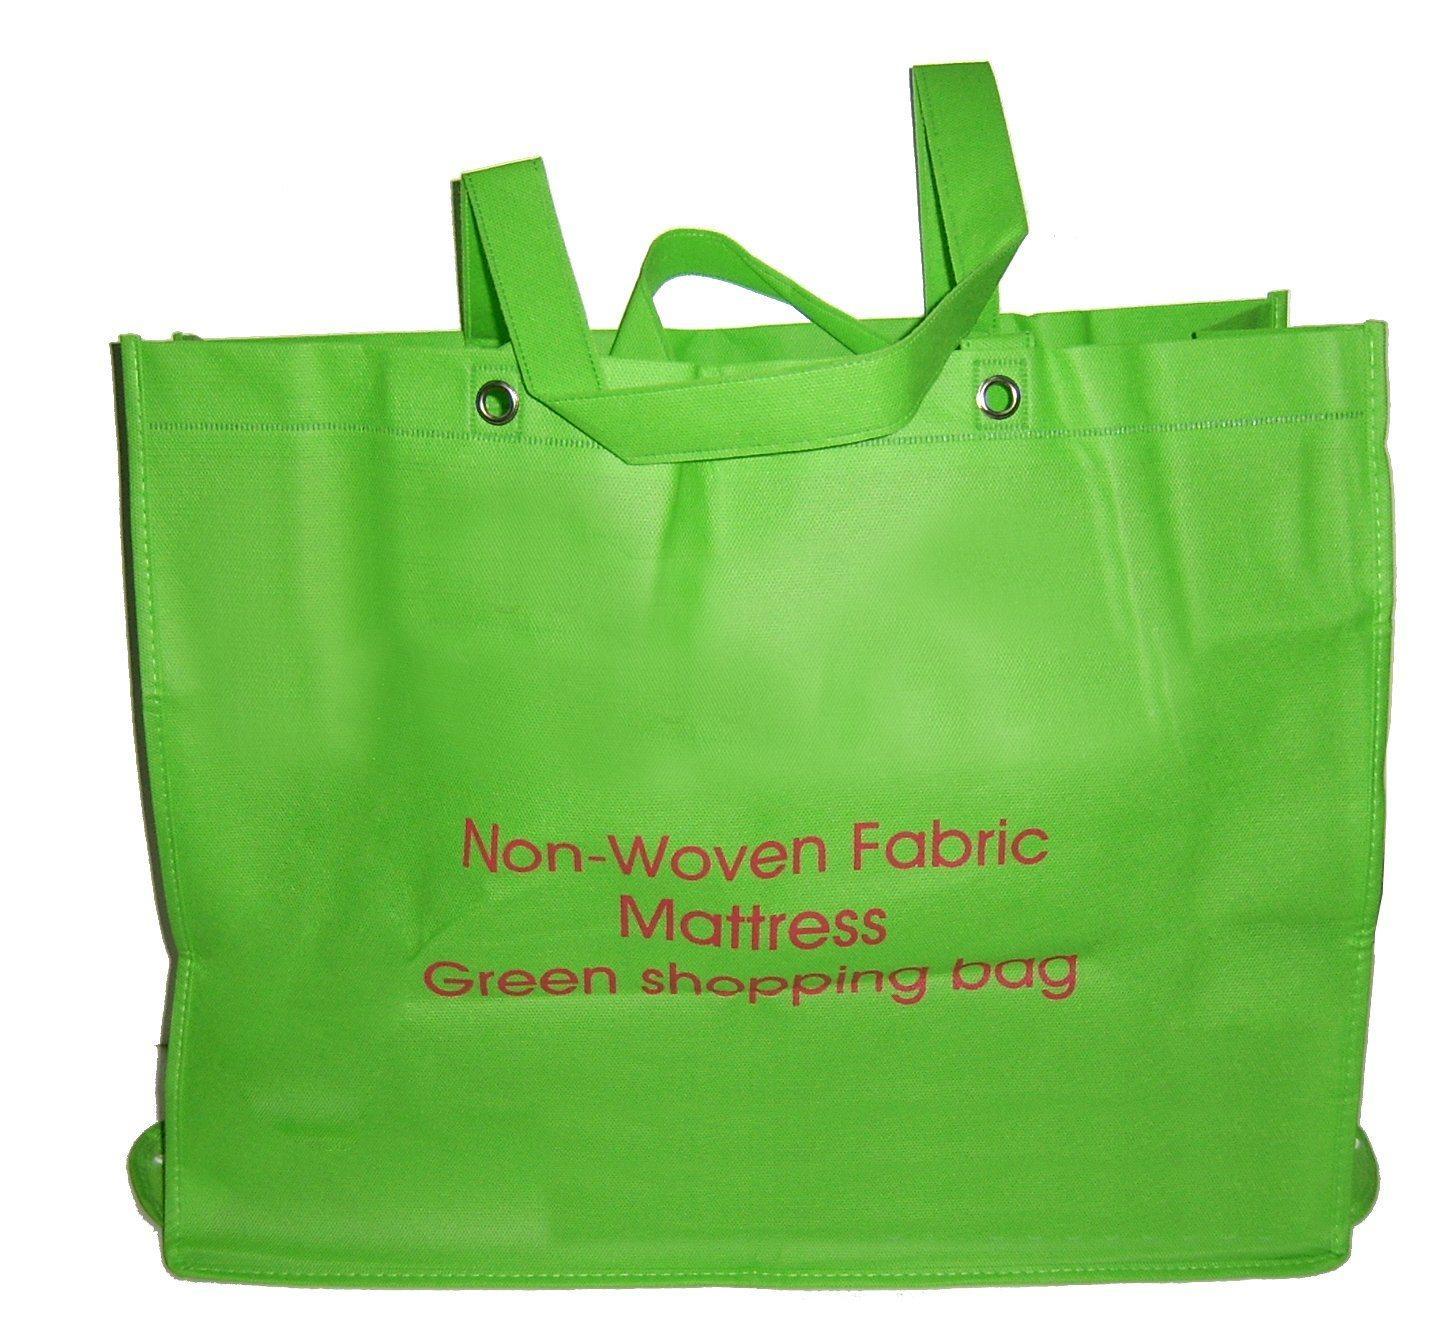 Nonwoven, Non-Woven Fabric for Shopping Bag